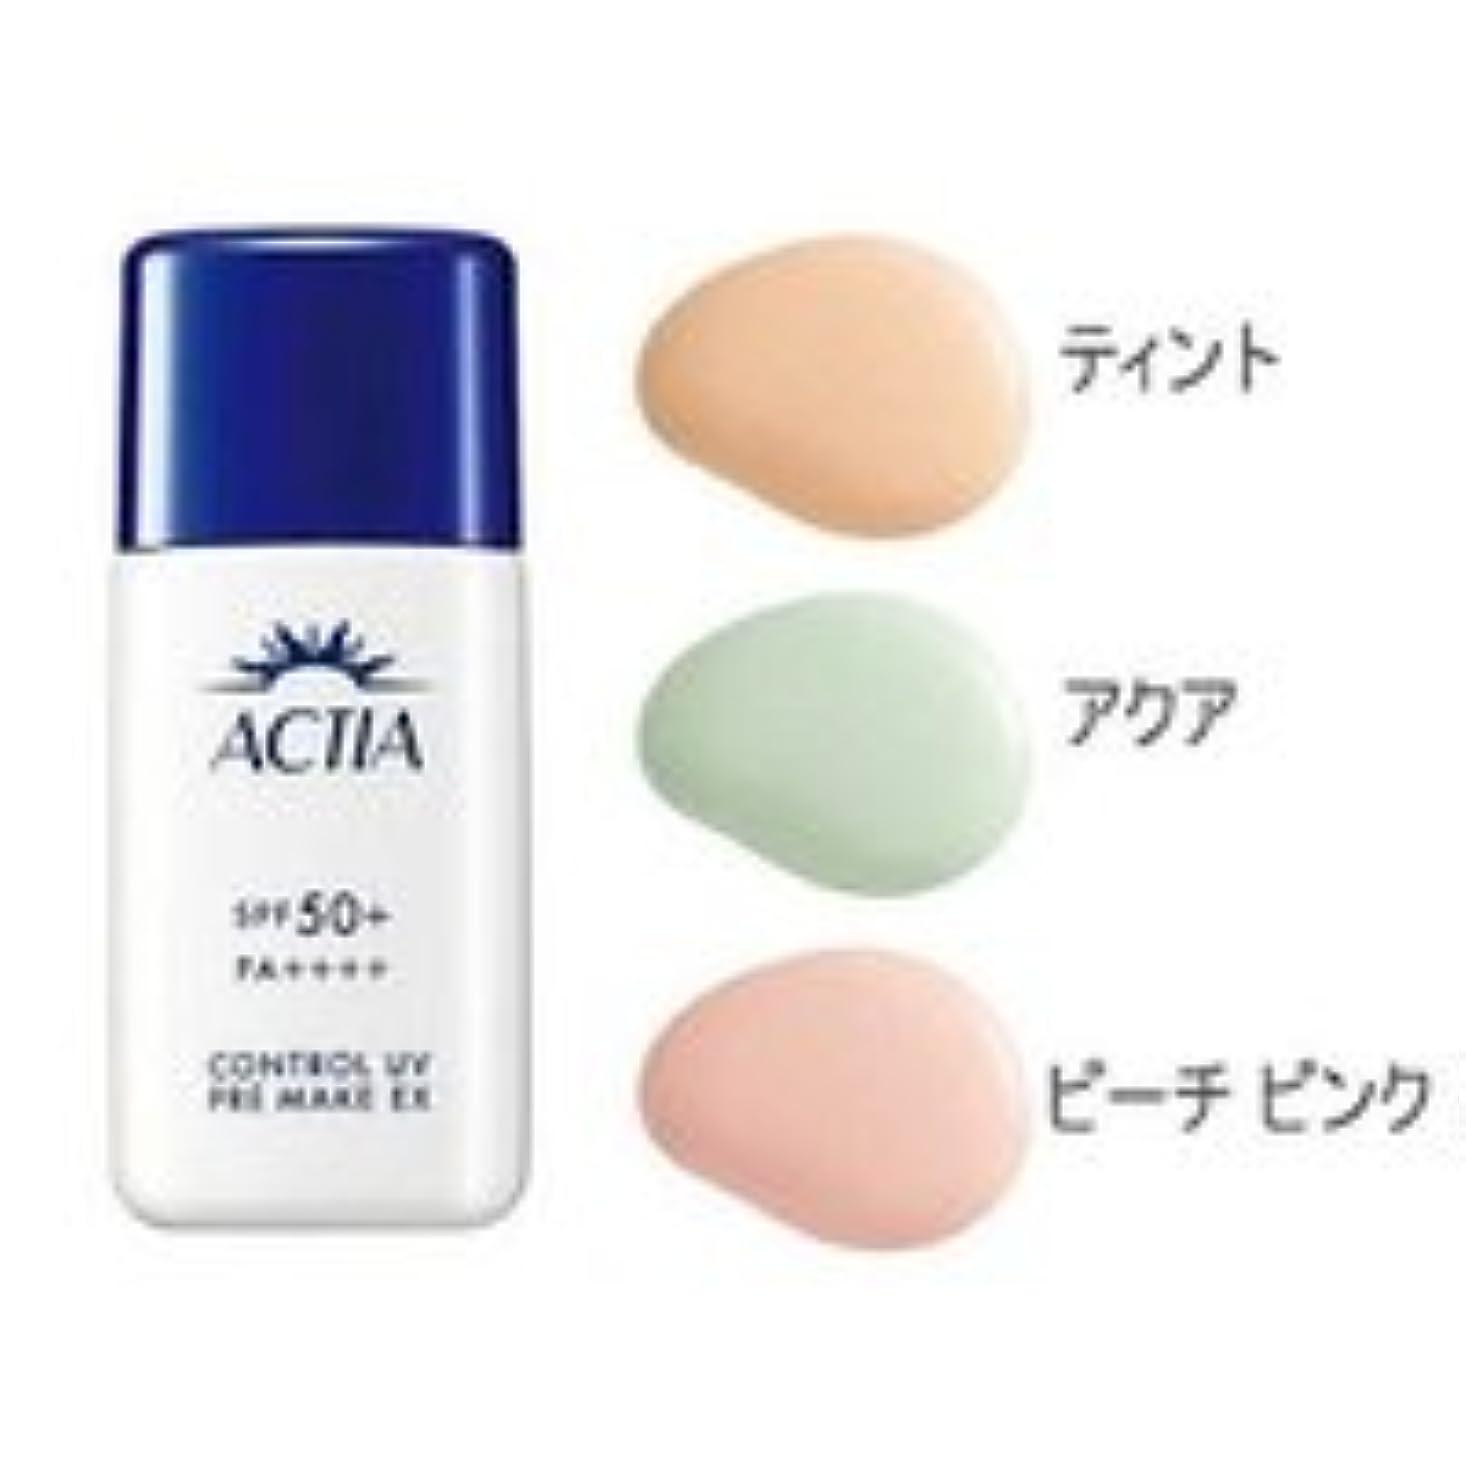 夕方電子レンジ畝間エイボン(AVON) アクティア コントロール UV プレメイク EX 30ml